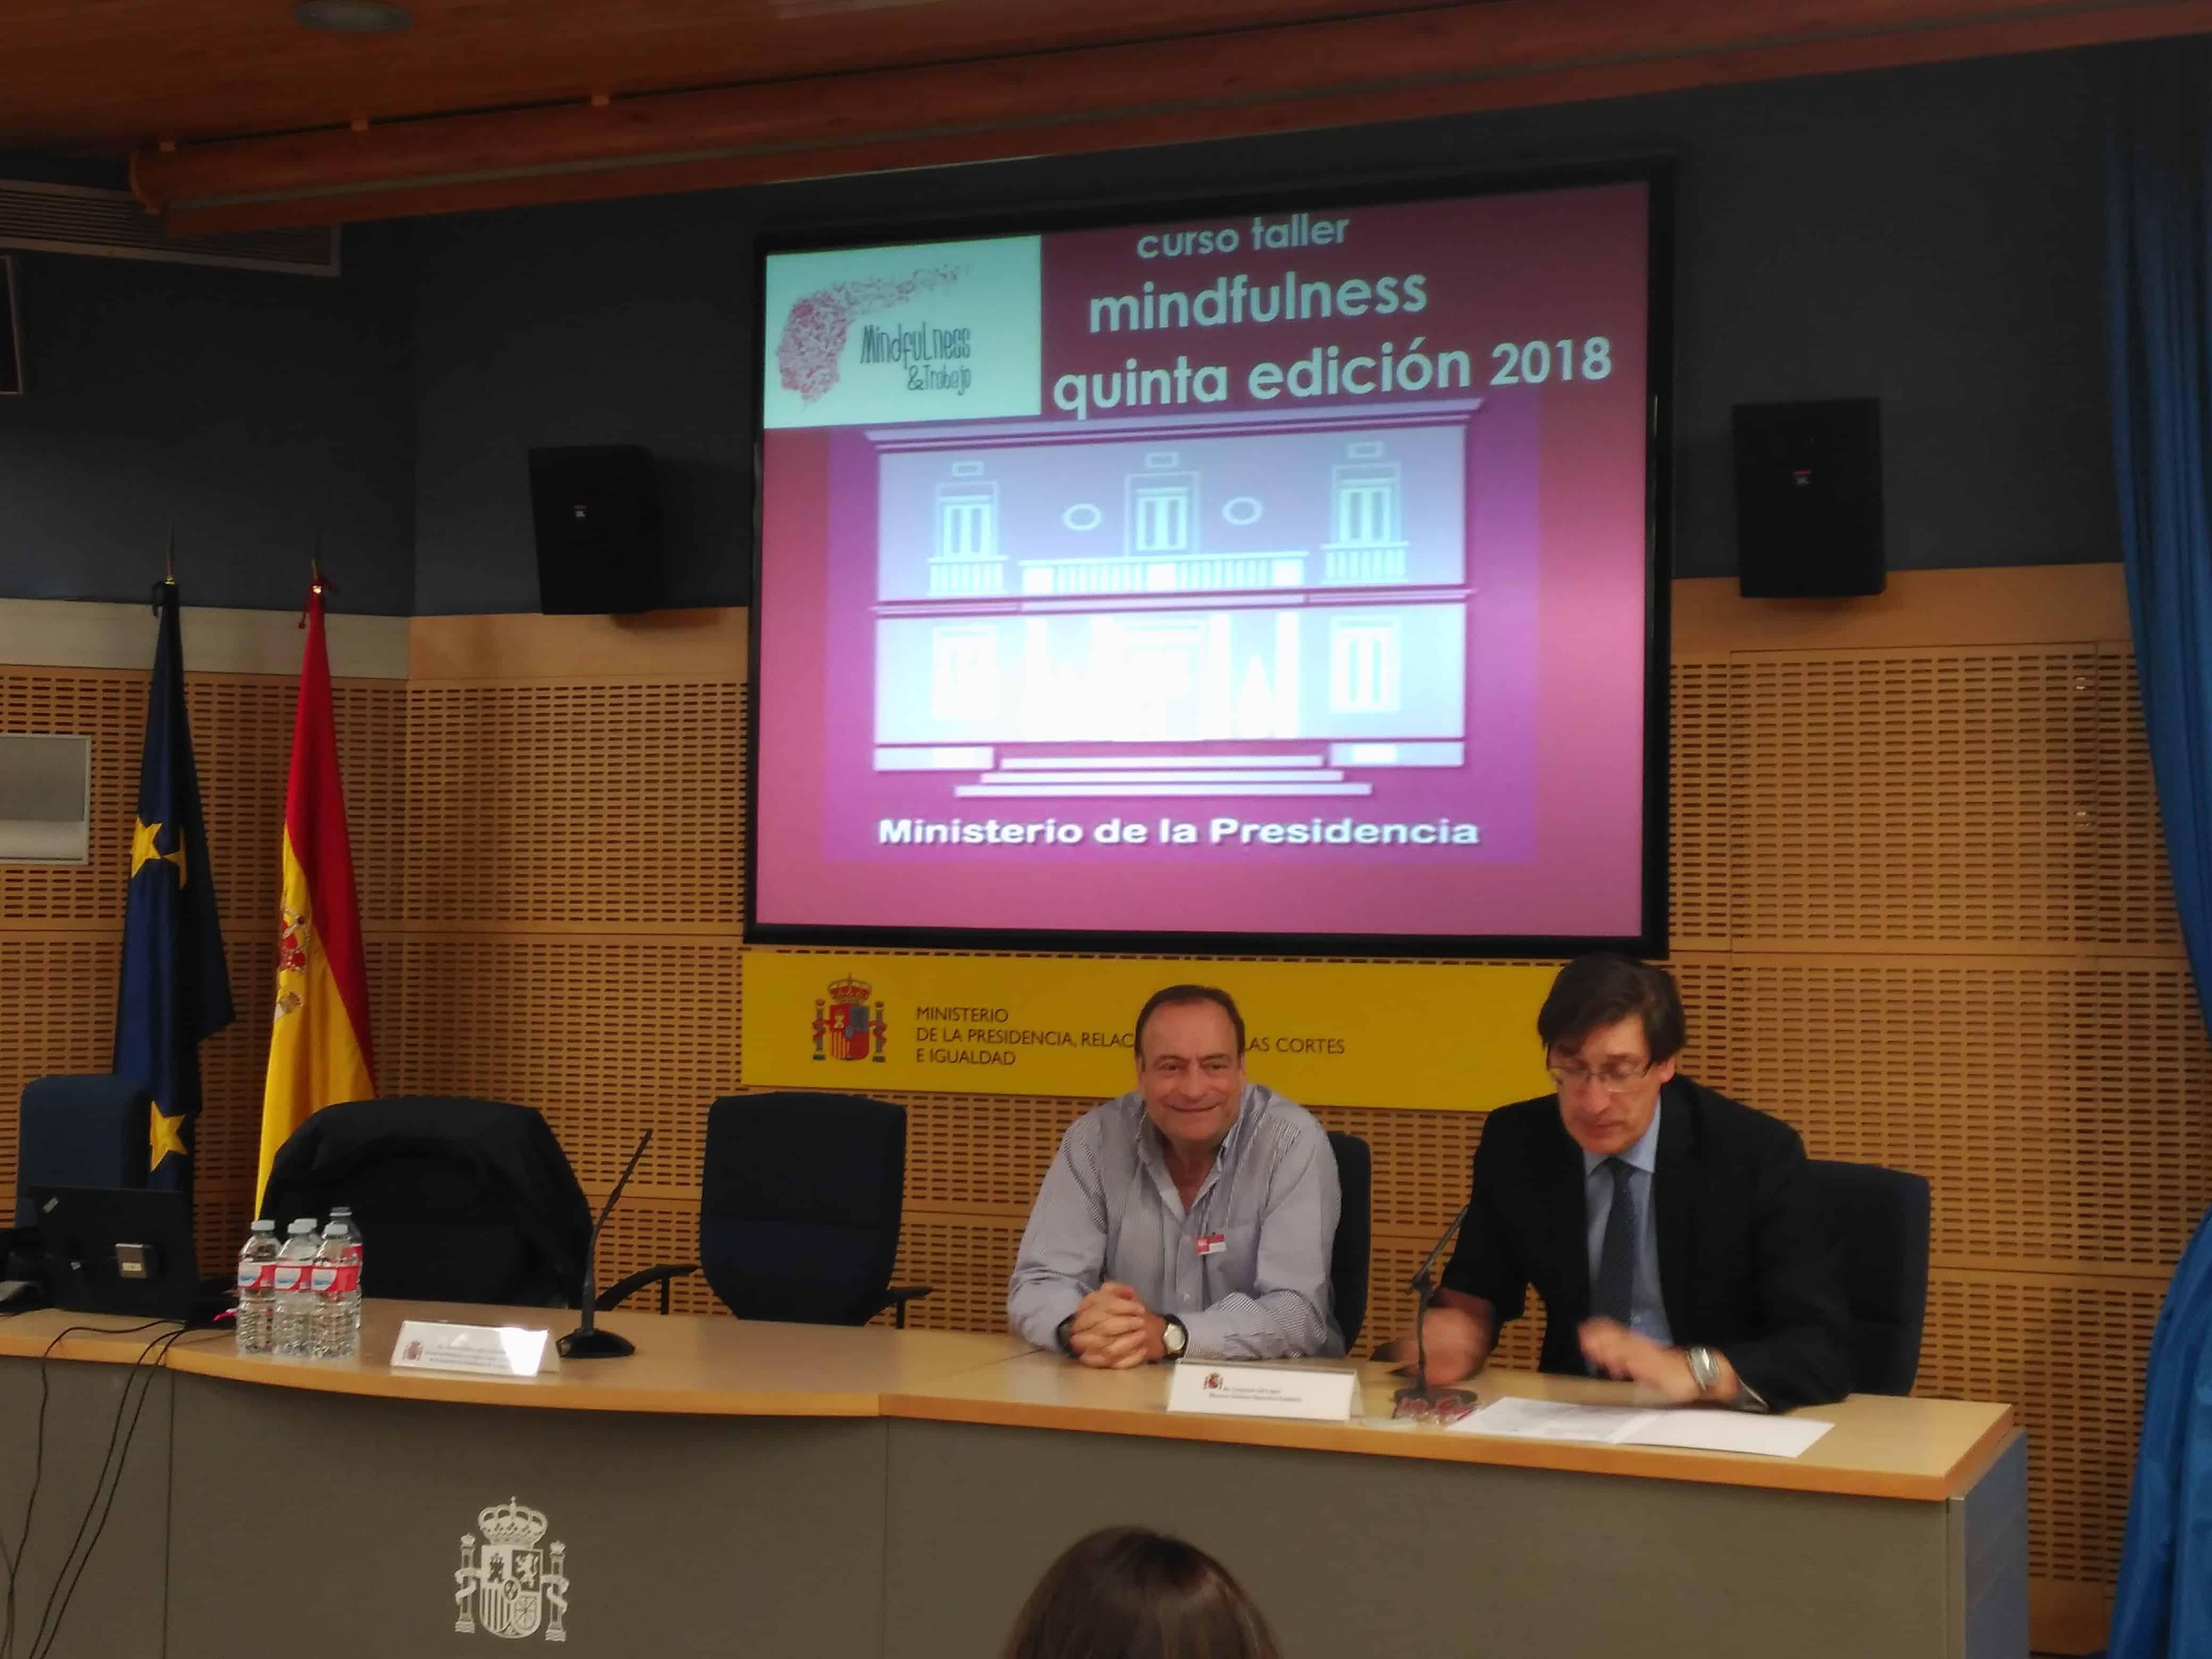 Mindfulness y Trabajo en un curso en la Presidencia del Gobierno de España